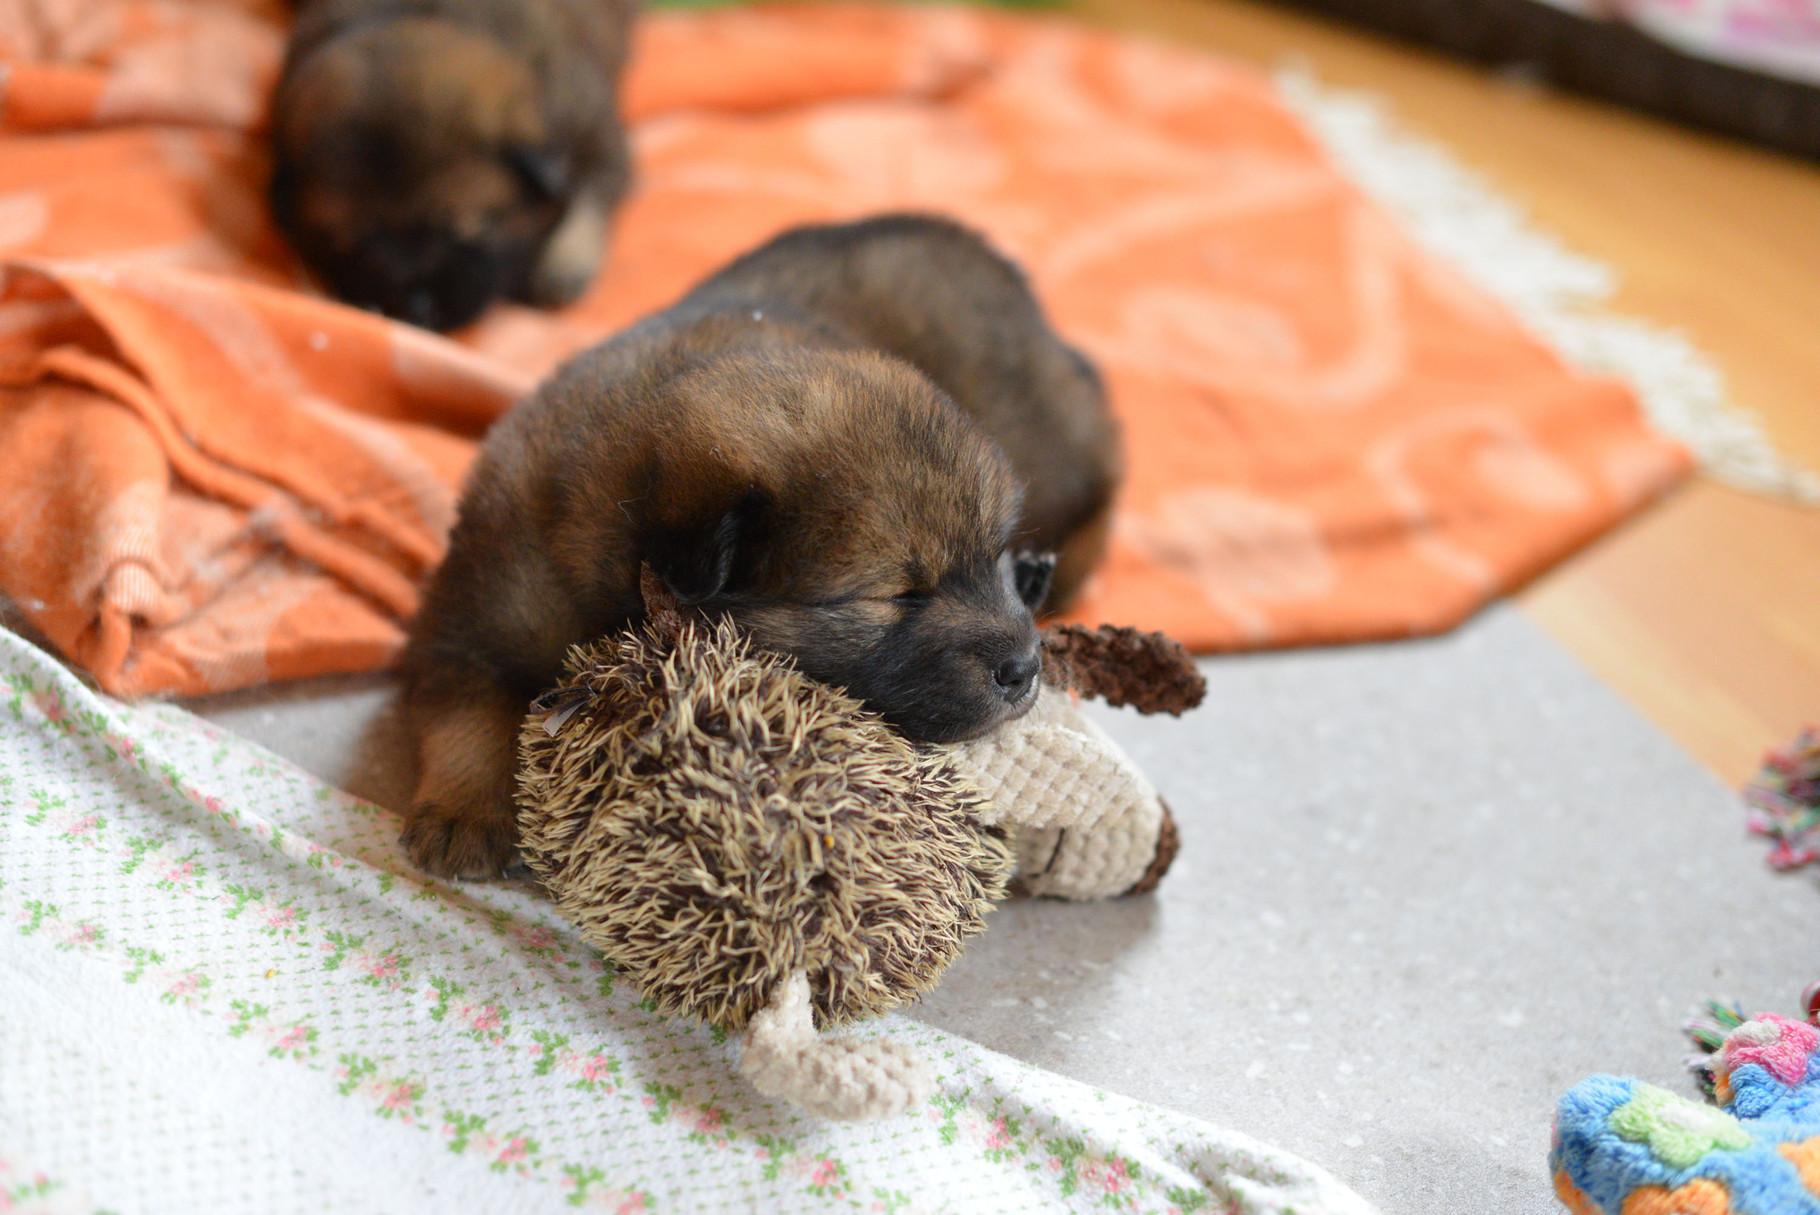 Bequemes Kissen, so ein Stoffhund